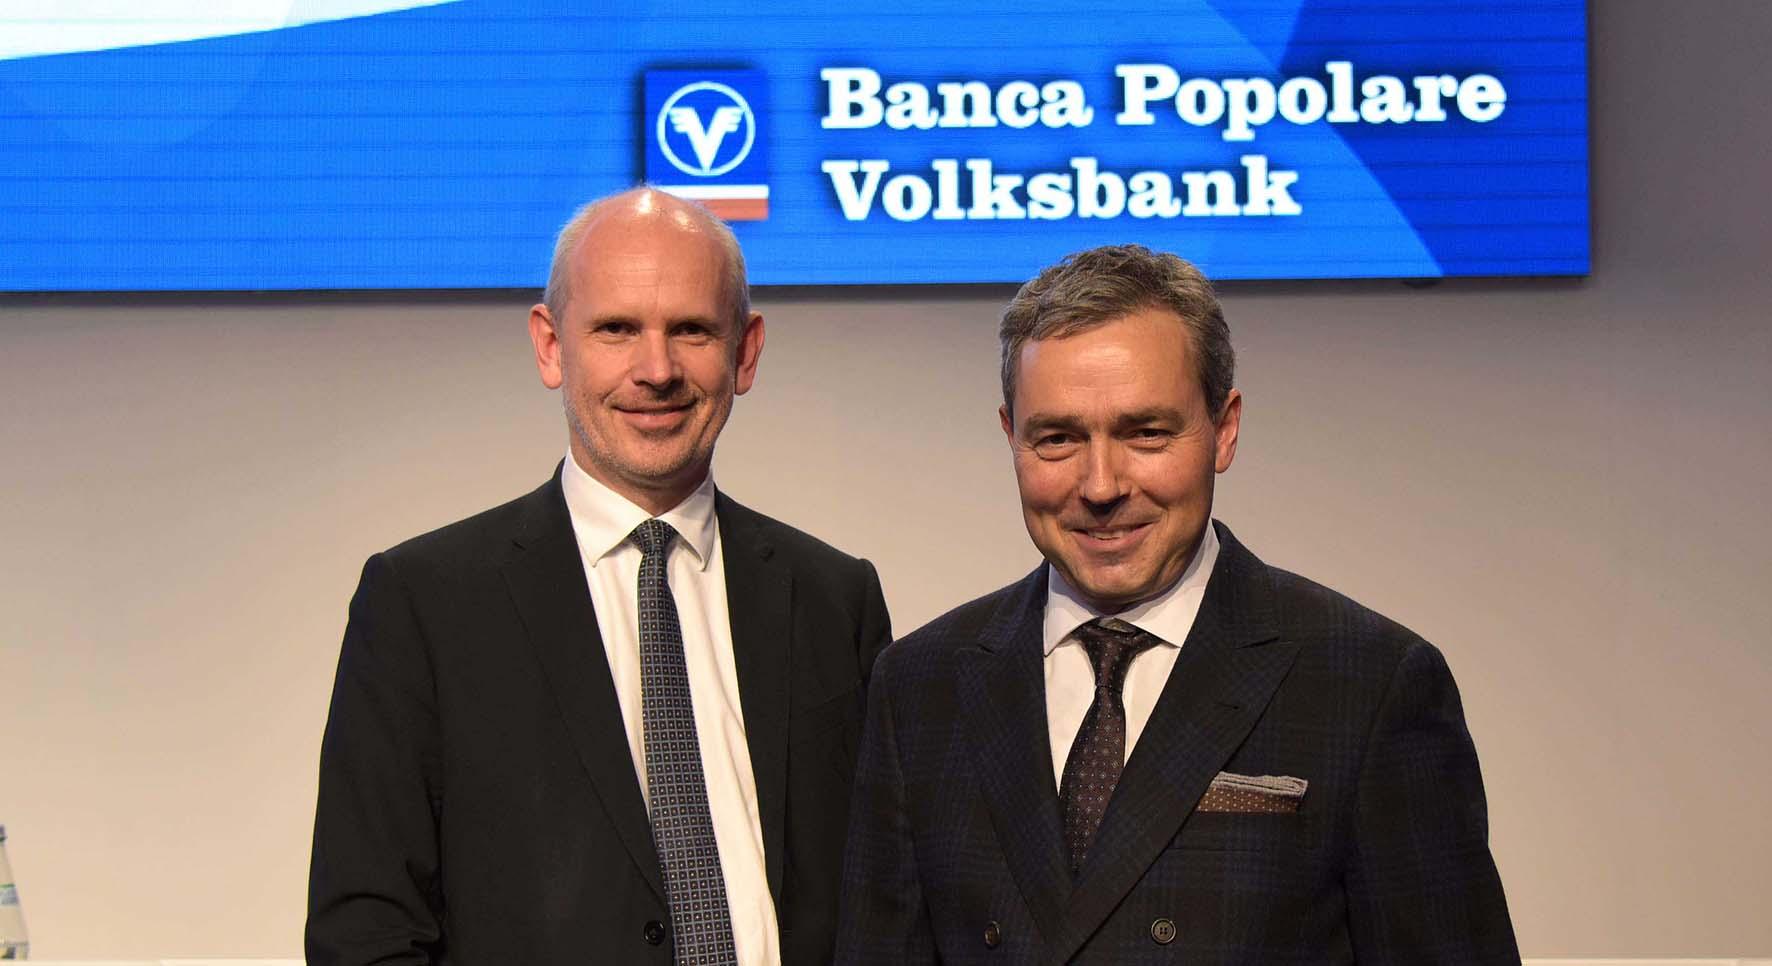 Volksbank assemblea soci 2016 Otmar Michaeler a destra e il direttore generale Johannes Schneebacher